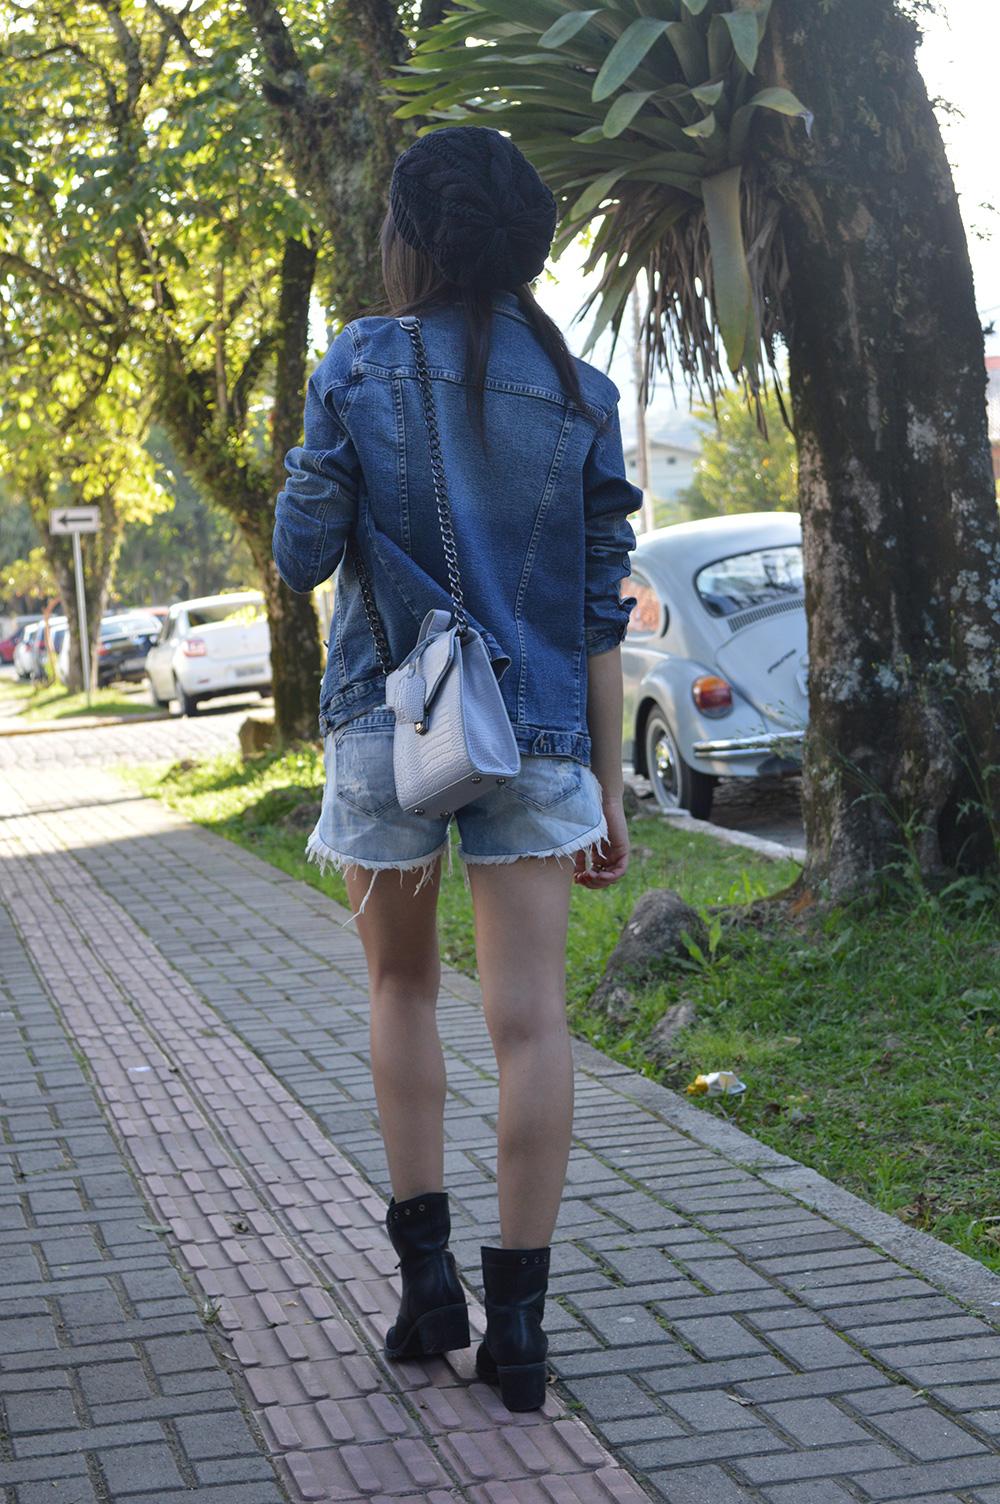 marchin-on-look-casual-bolsa-rosegal-blog-ela-inspira-7